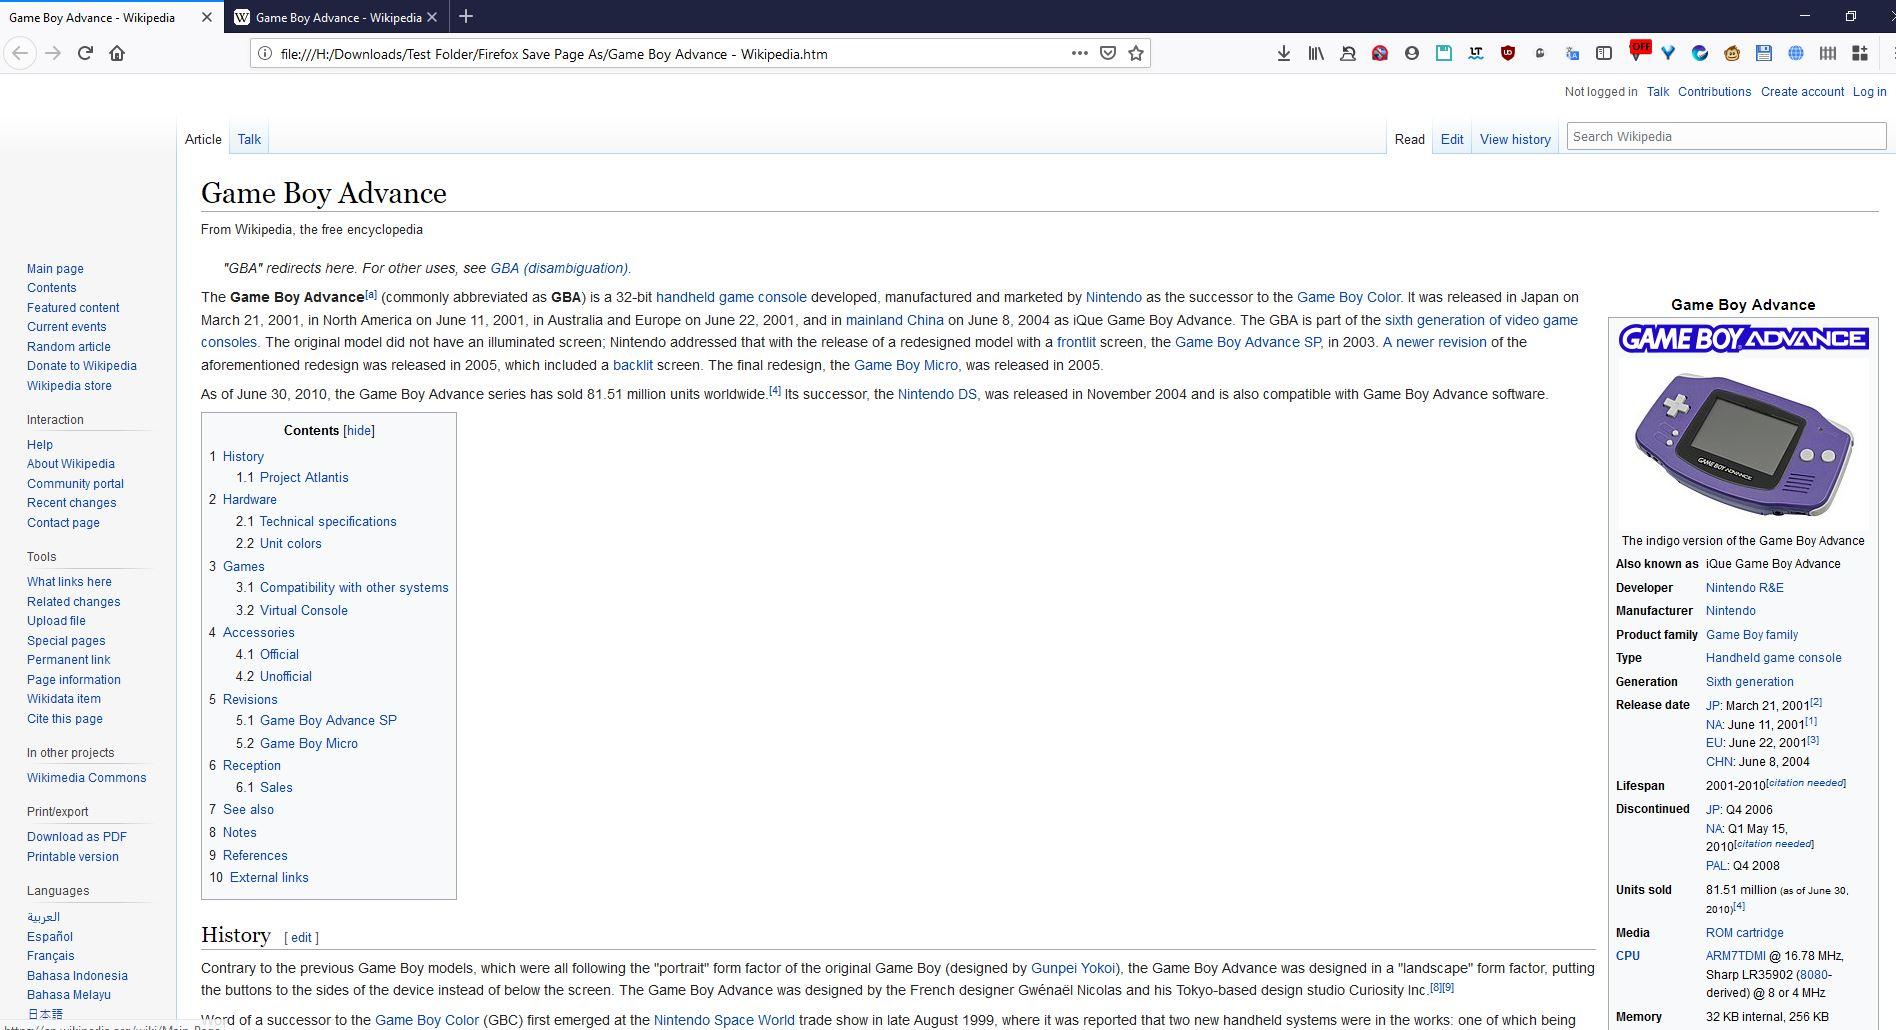 La página de guardado de Firefox es normal